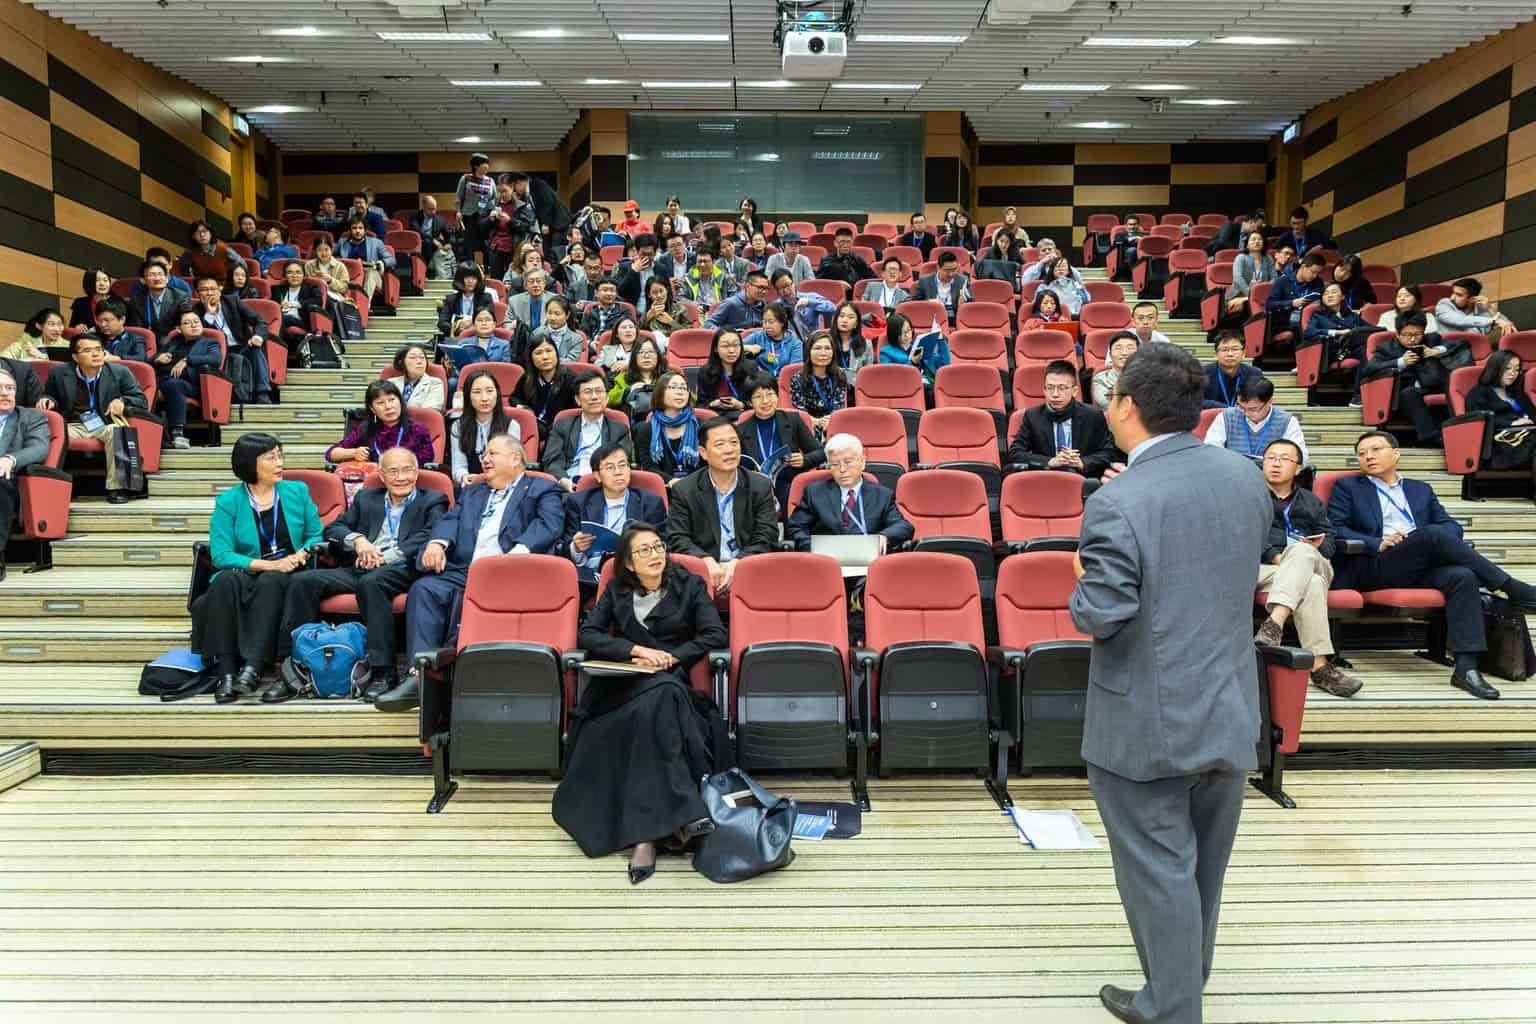 הרצאות בנושא כלכלה